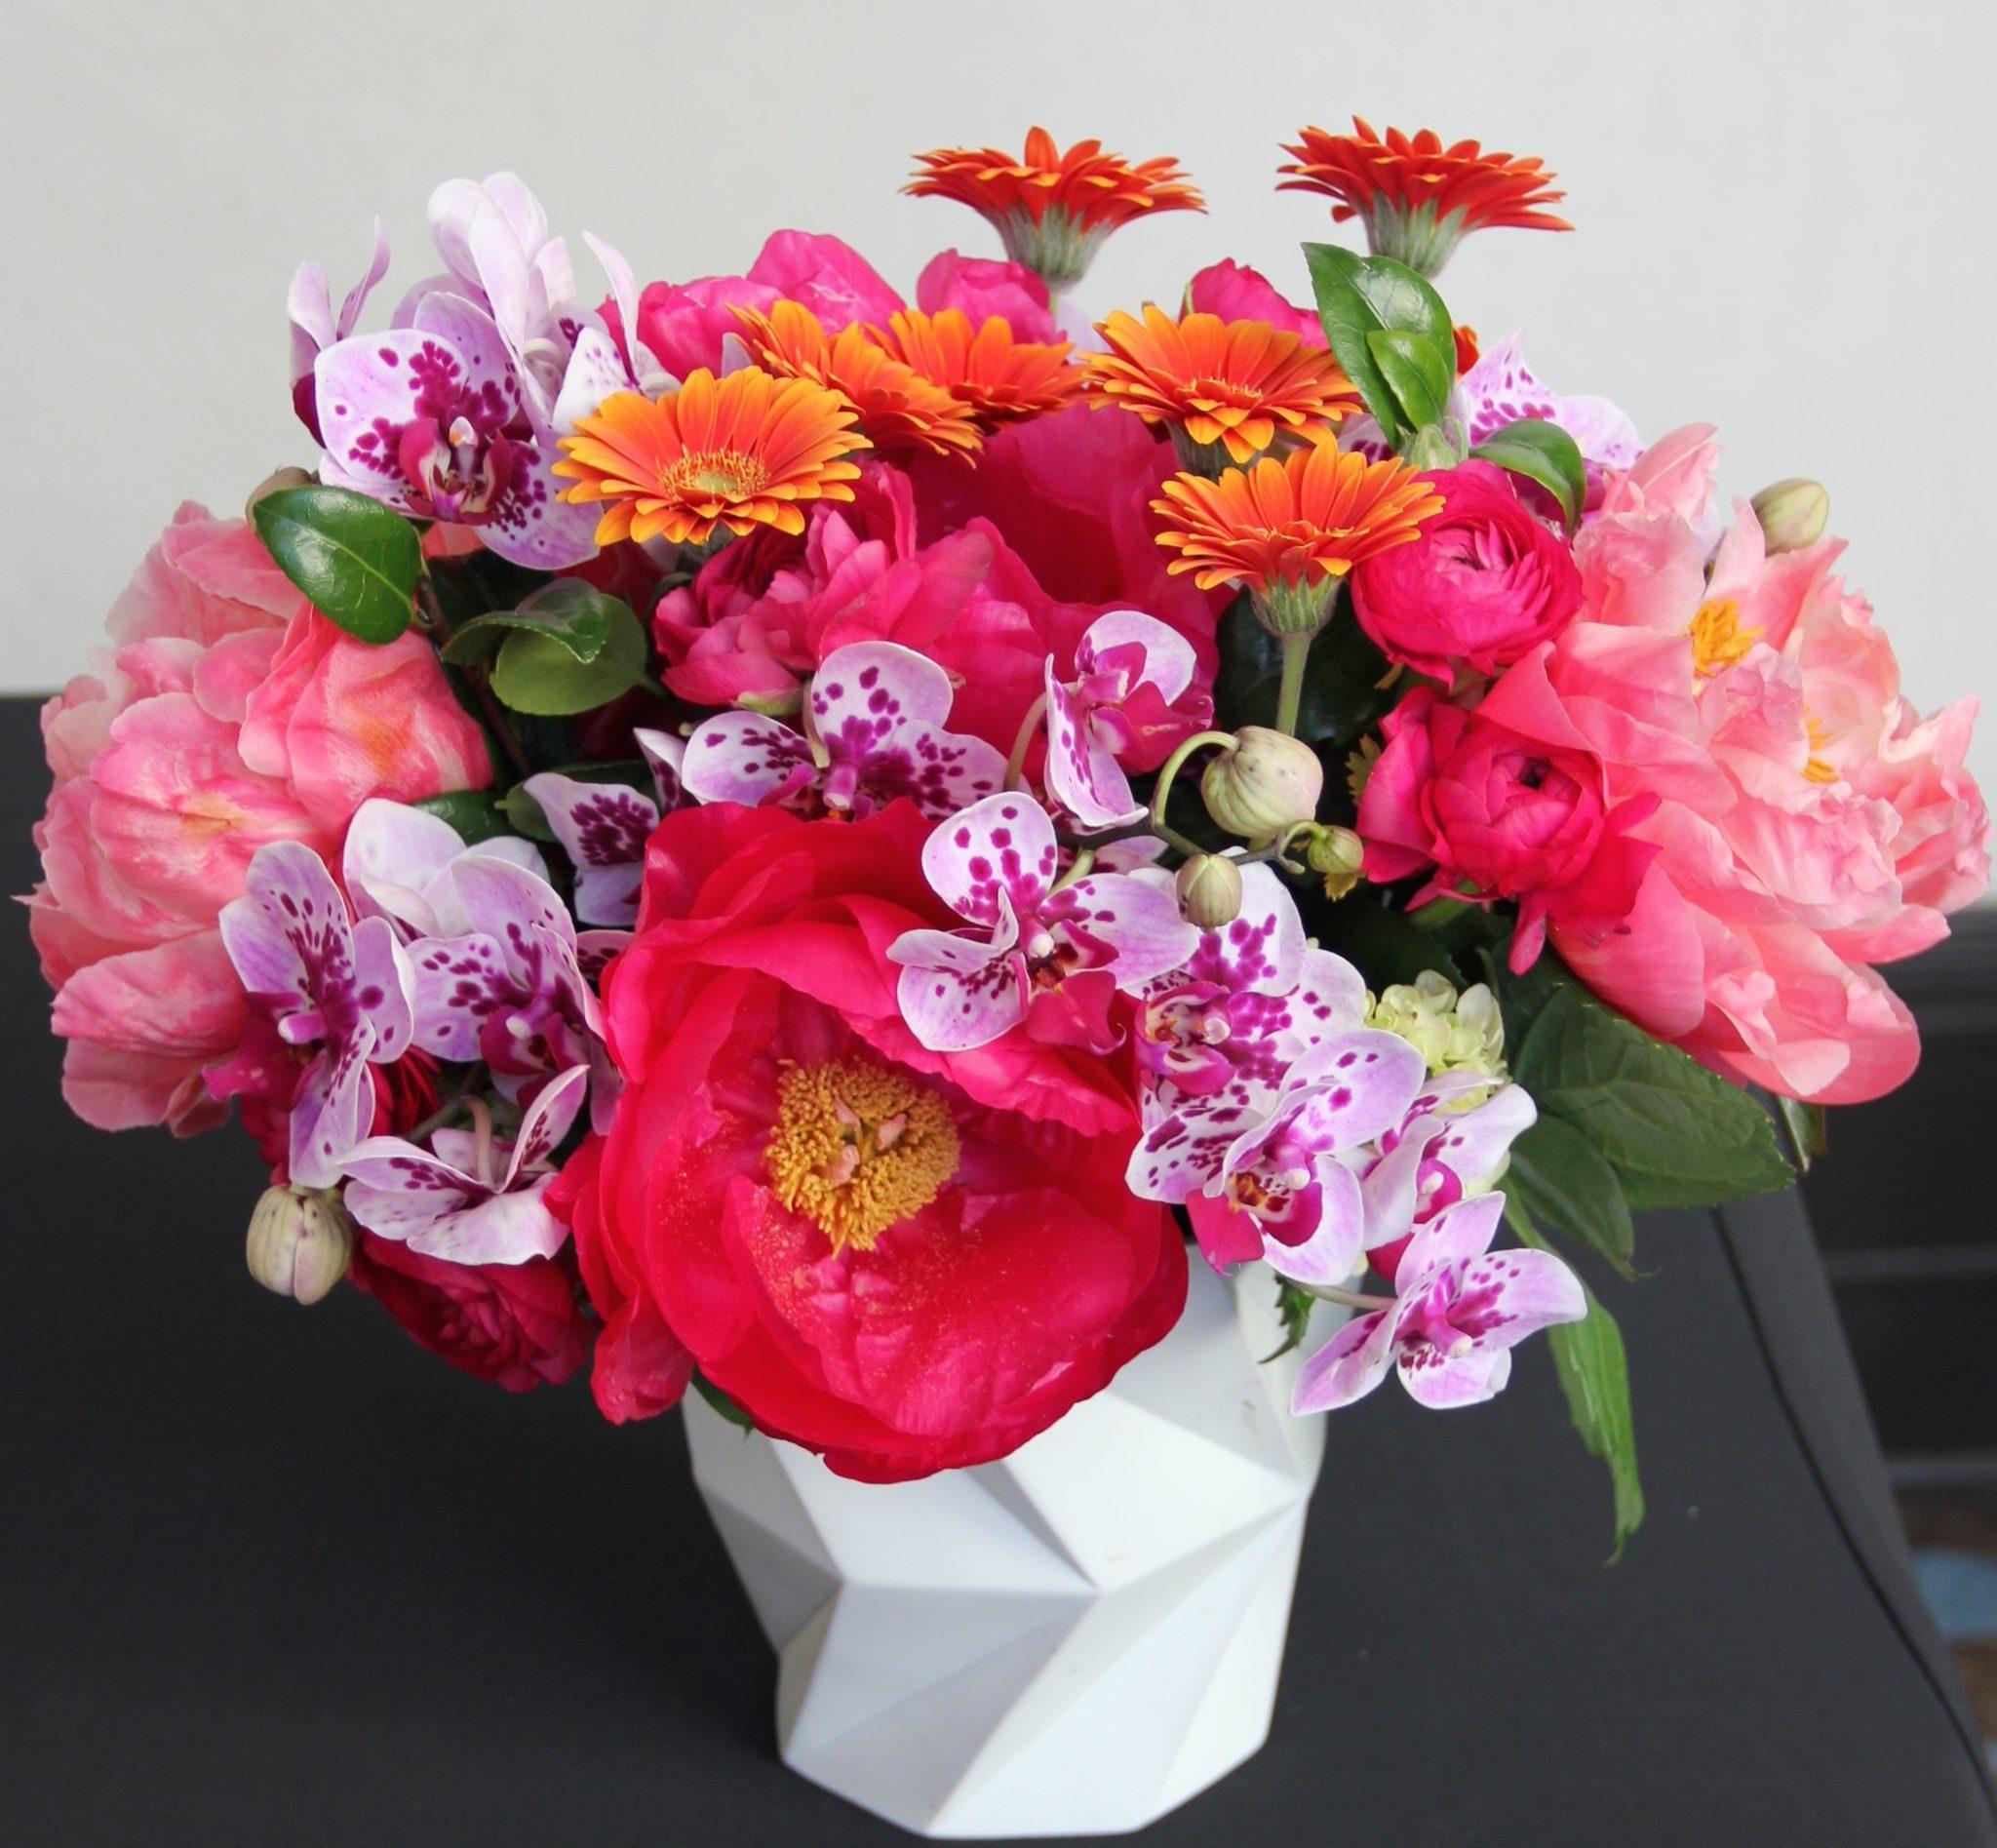 Leeza Ben S B Nai Paul Robertson Floral